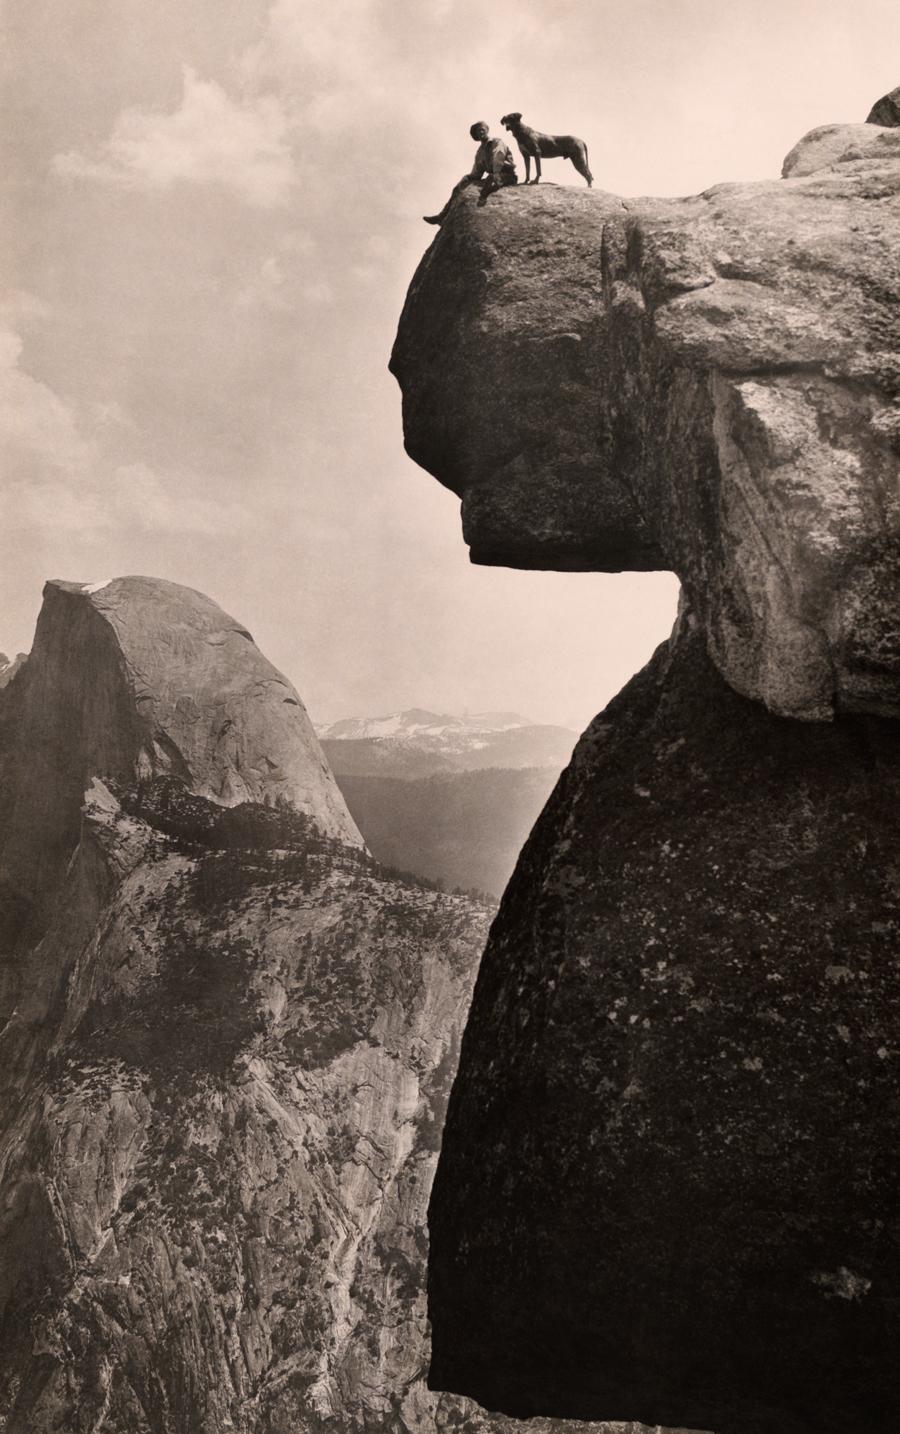 1924. Férfi a kutyájával a Yosemite nemzeti park egyik szikláján..jpg